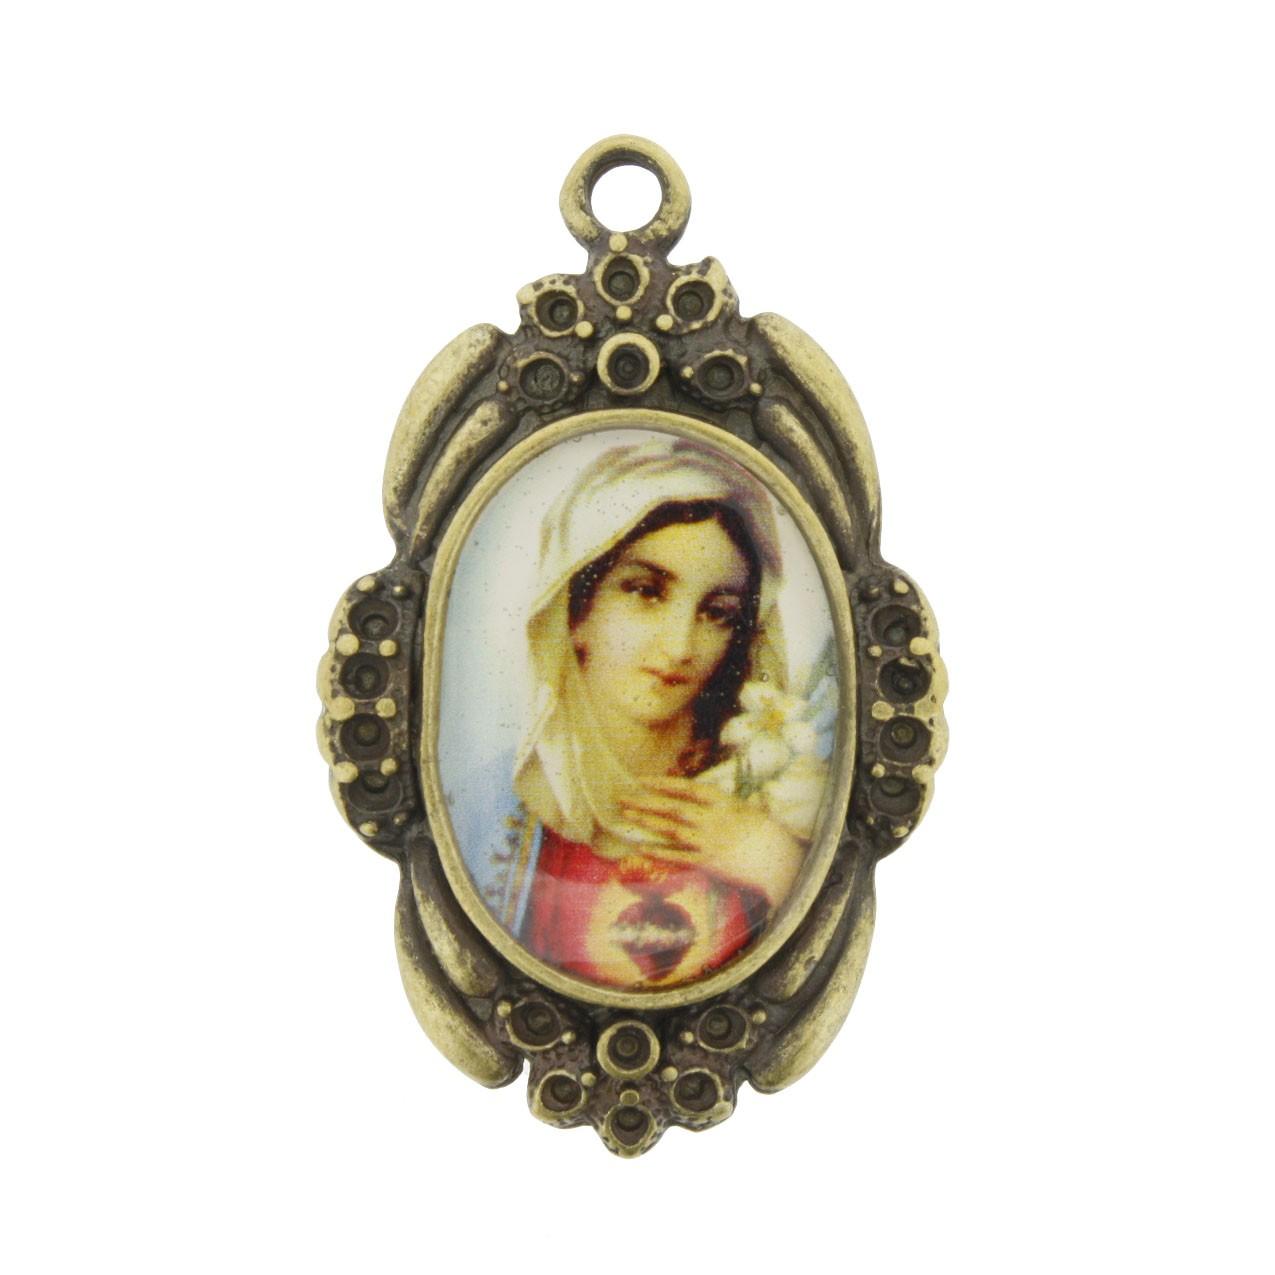 Sagrado Coração de Maria - Ouro Velho e Resina - 42x26mm  - Universo Religioso® - Artigos de Umbanda e Candomblé